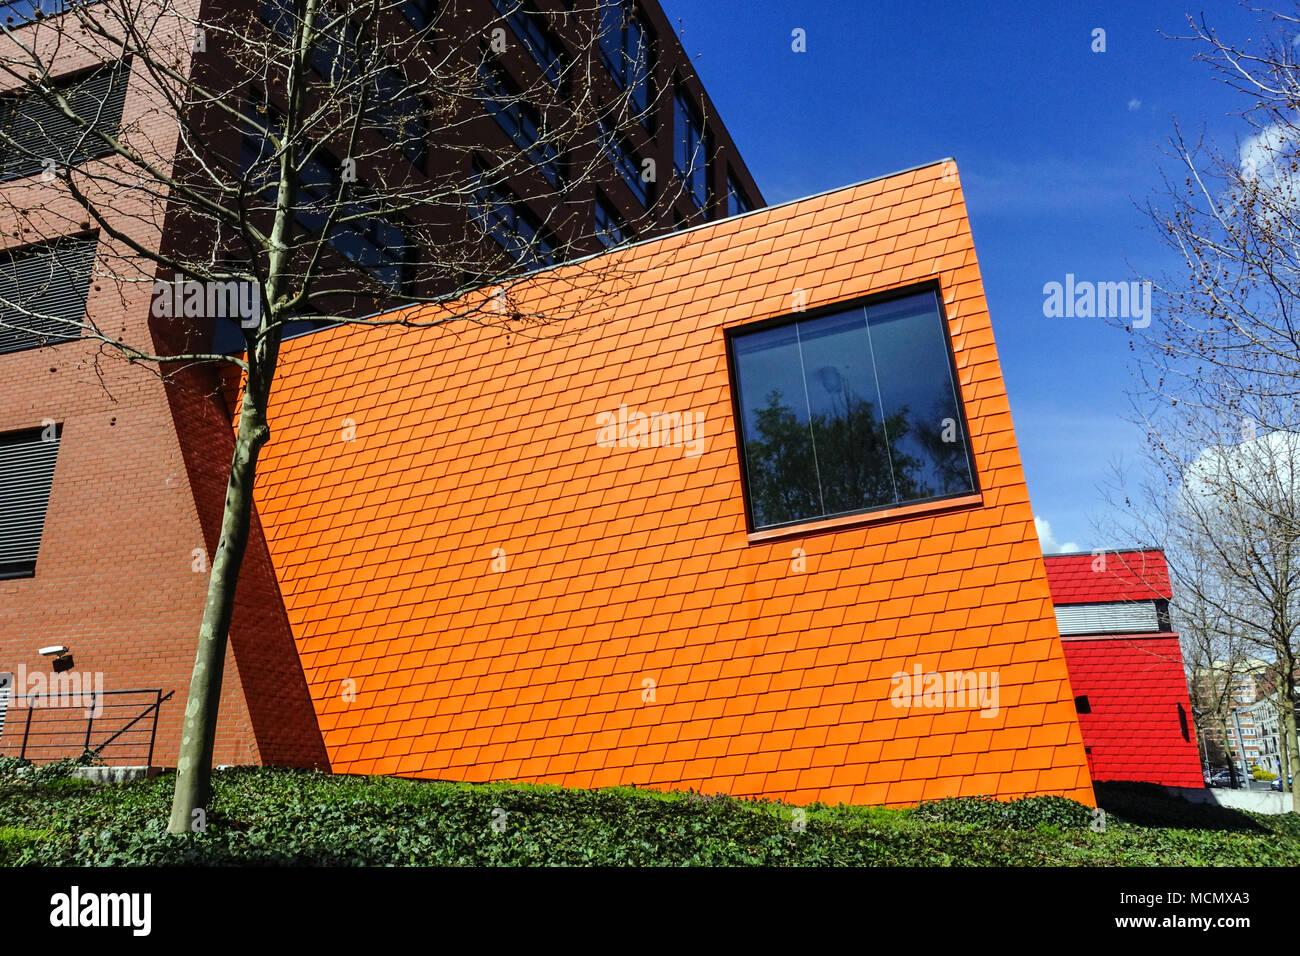 CVUT, la Universidad Técnica Checa, Facultad de Arquitectura, campus universitario, Dejvice, Praga, República Checa Imagen De Stock